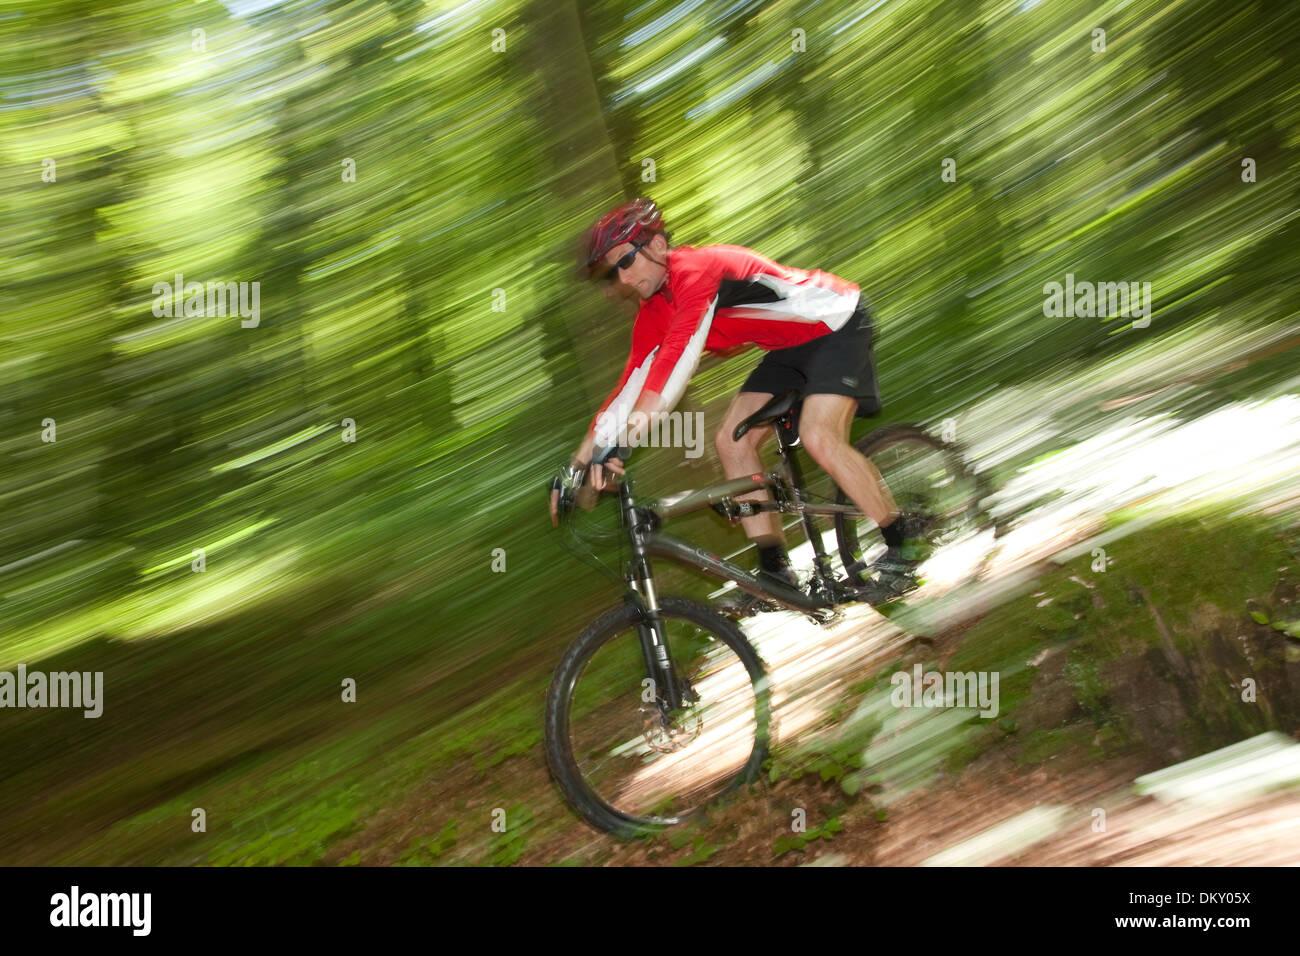 Suisse Europe canton JU Jura vtt roue de vélo location location bicyclettes la bicyclette bois forêt bois homme Banque D'Images